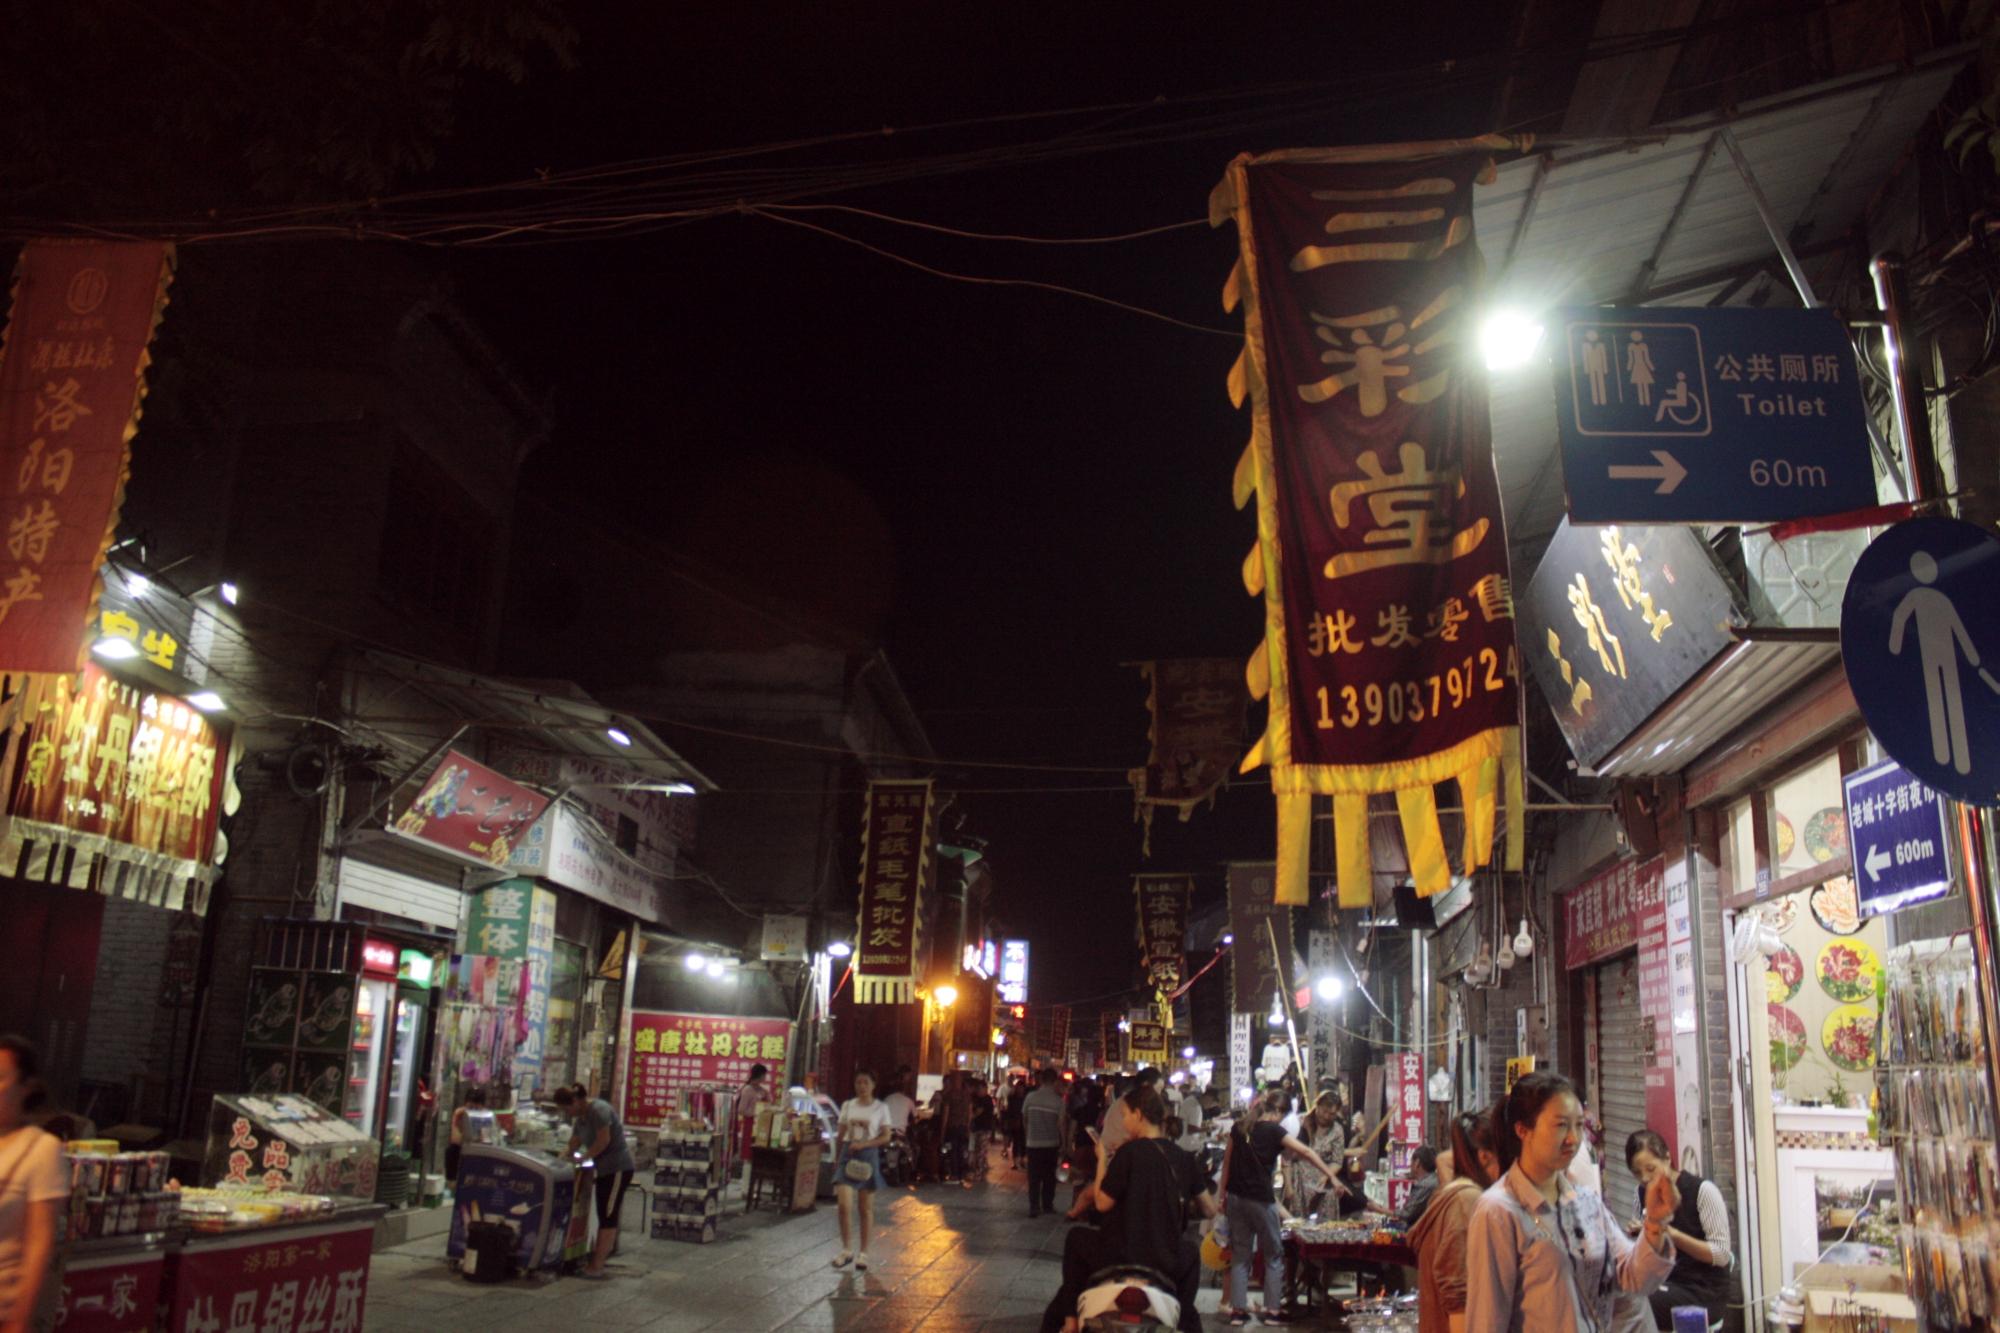 Luòyáng - Mindeközben Ázsiában 961f0b5a6a